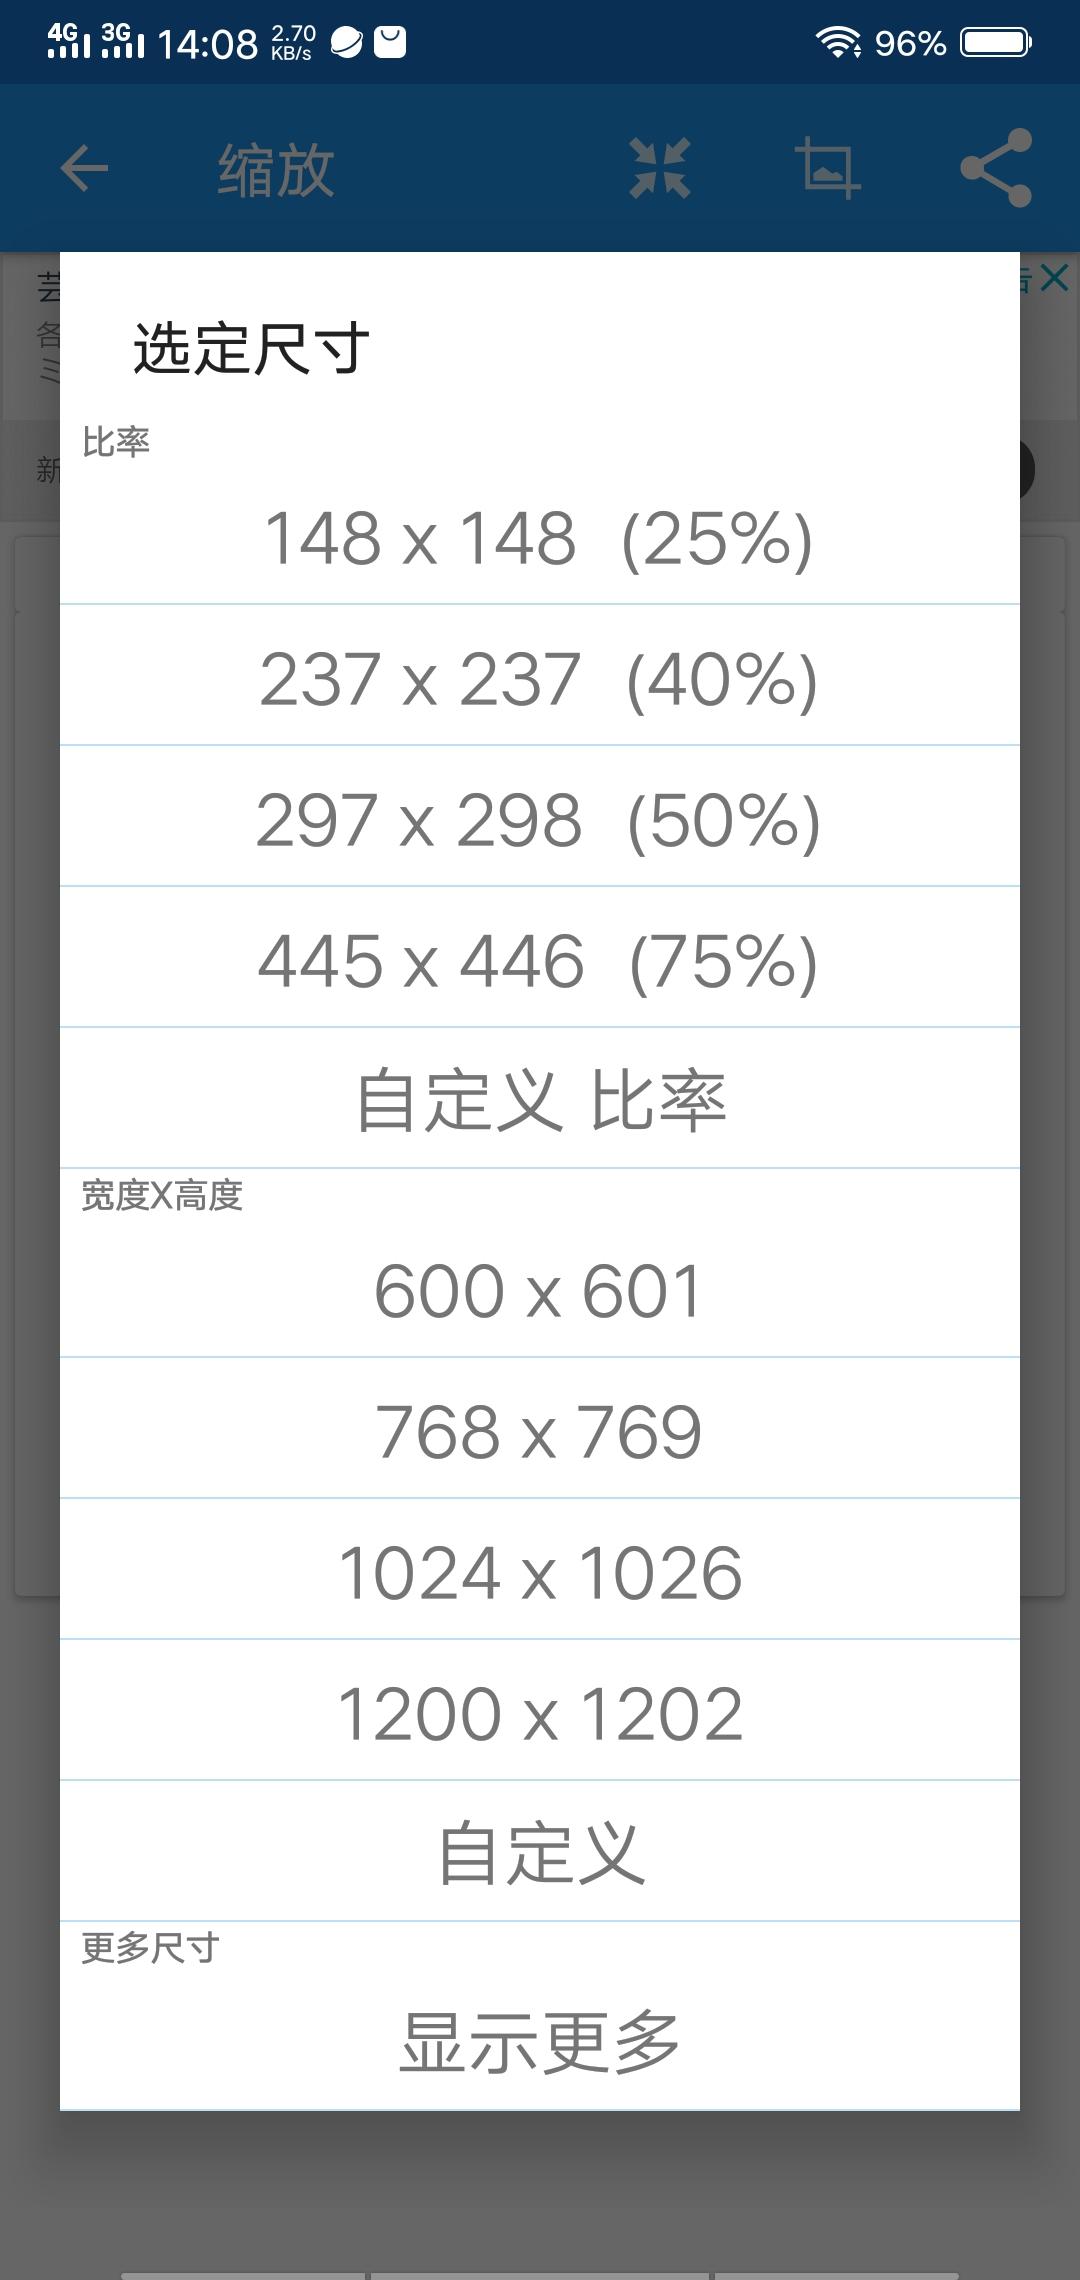 Screenshot_20190328_140804.jpg